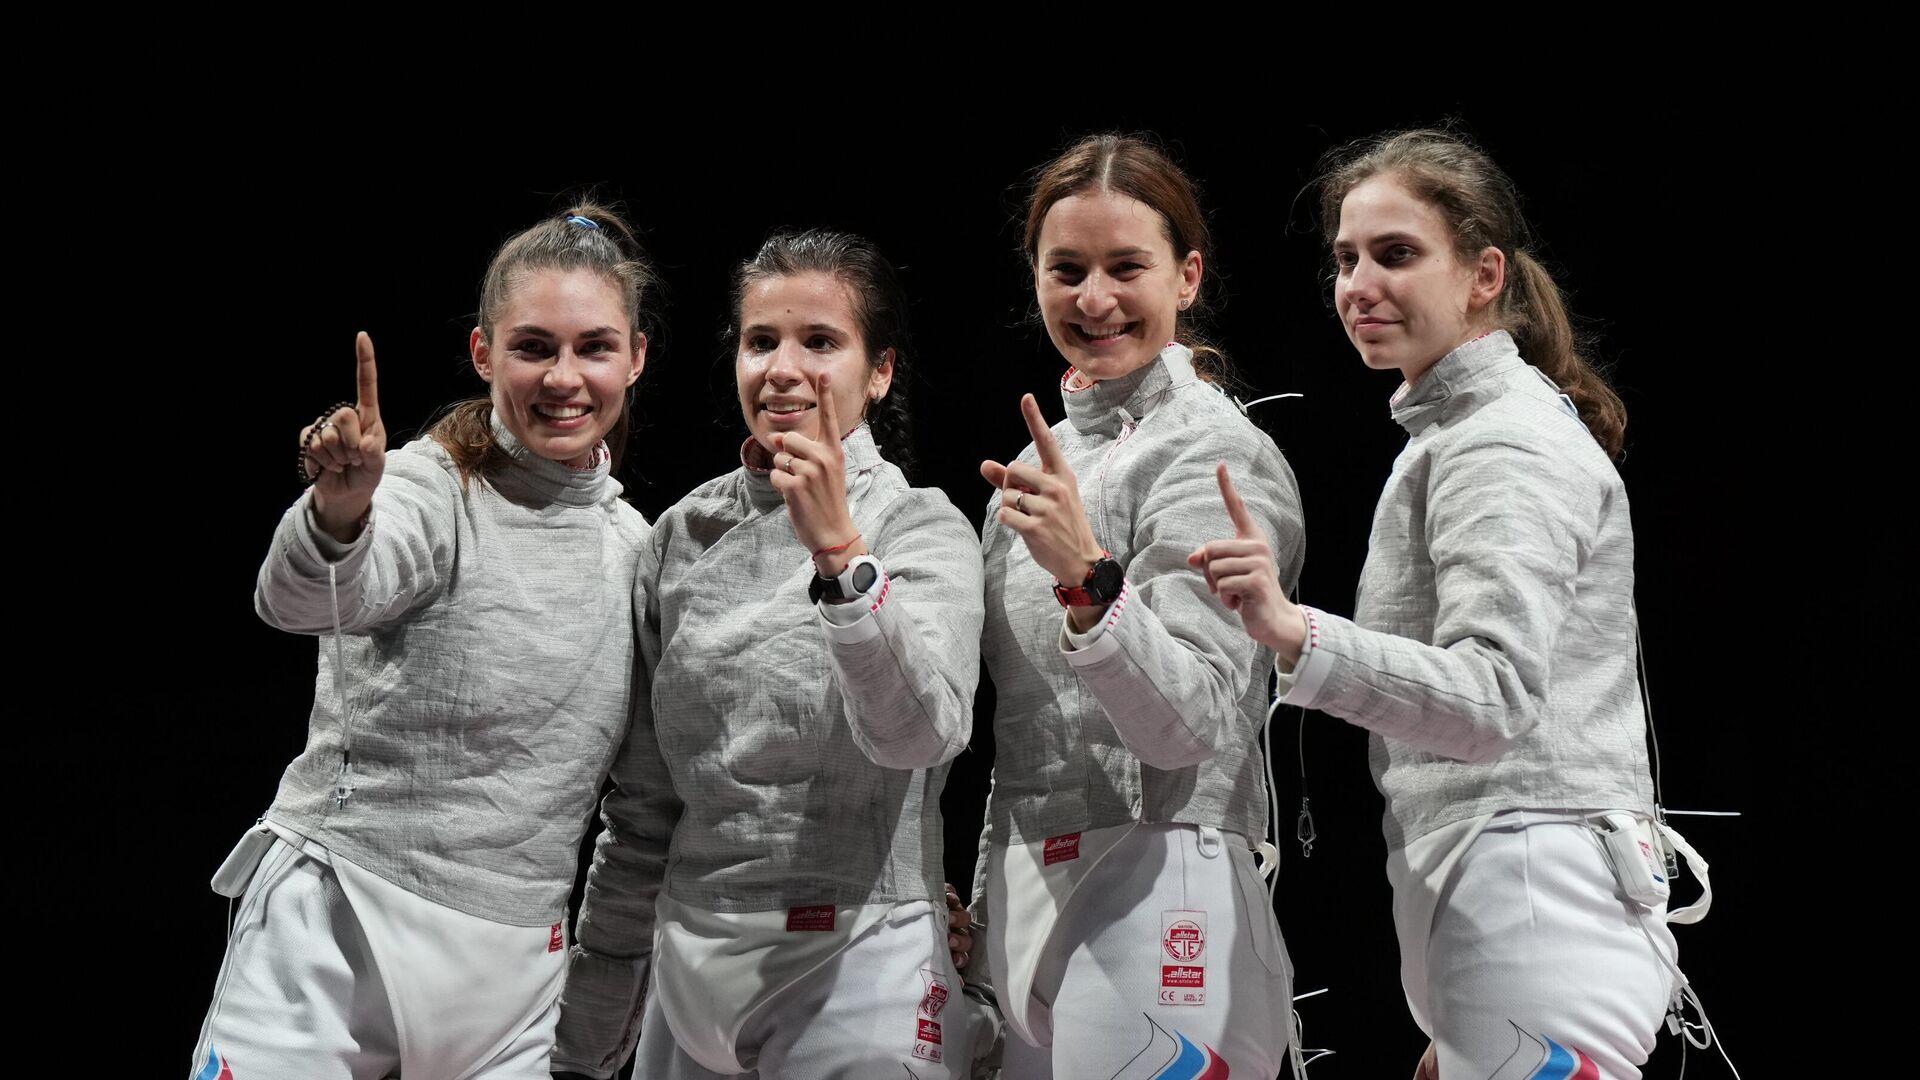 Equipo femenino ruso de esgrima con sable - Sputnik Mundo, 1920, 31.07.2021